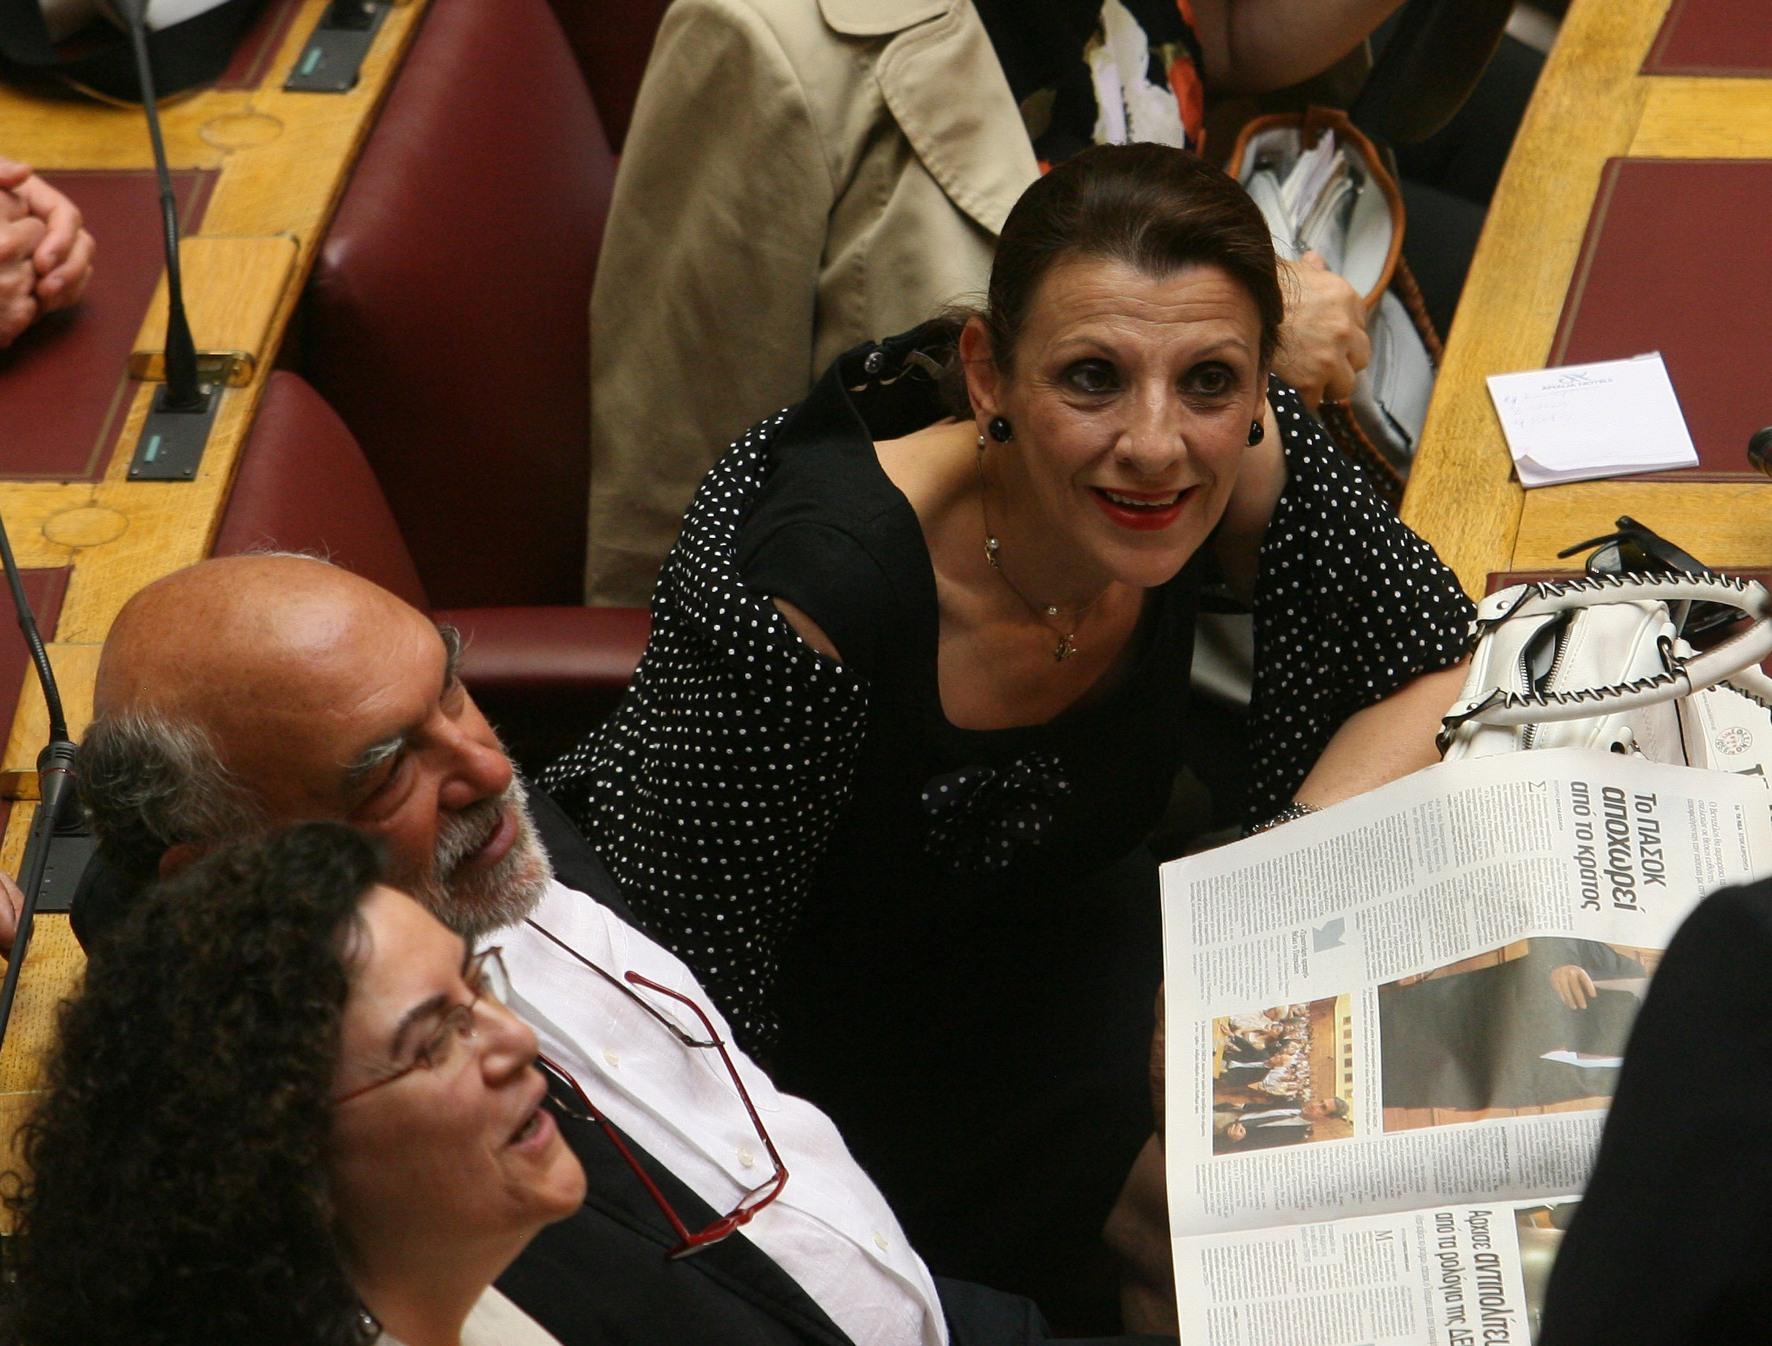 Κανελλοπούλου κατά Τσίπρα για τη συμφωνία-Ζητάει εκλογές